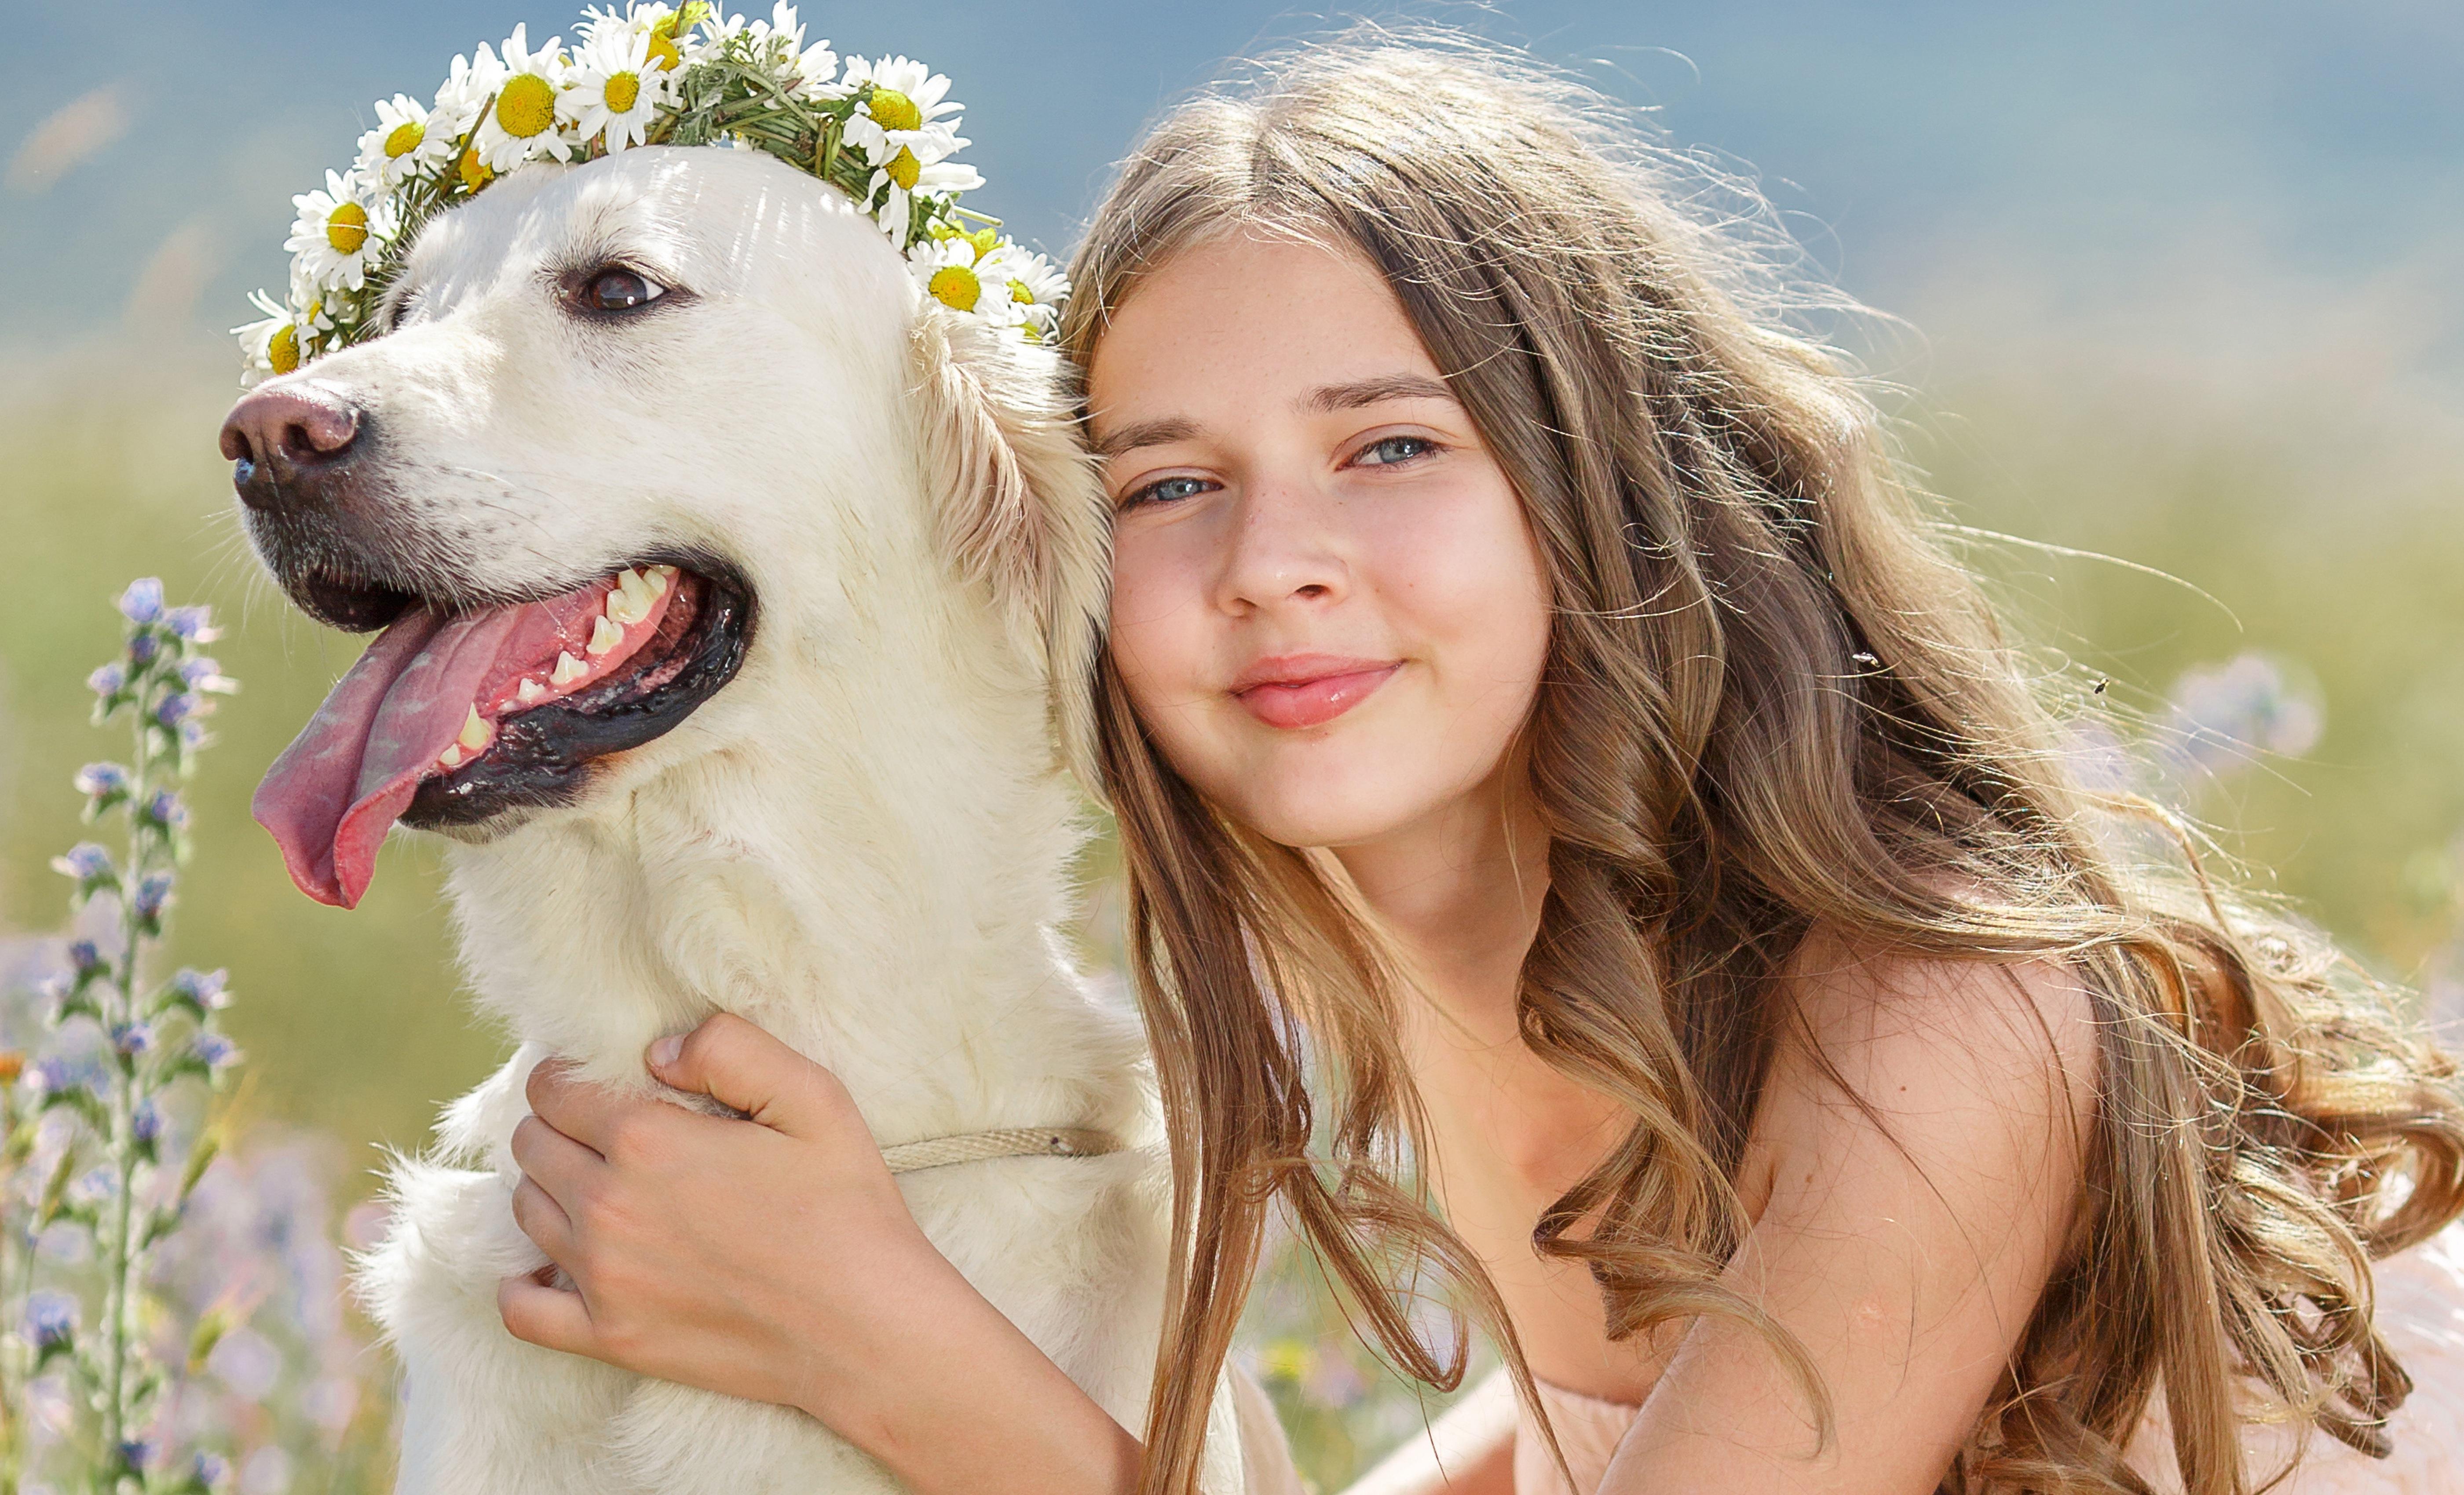 Собака ребенок  № 2980111 бесплатно